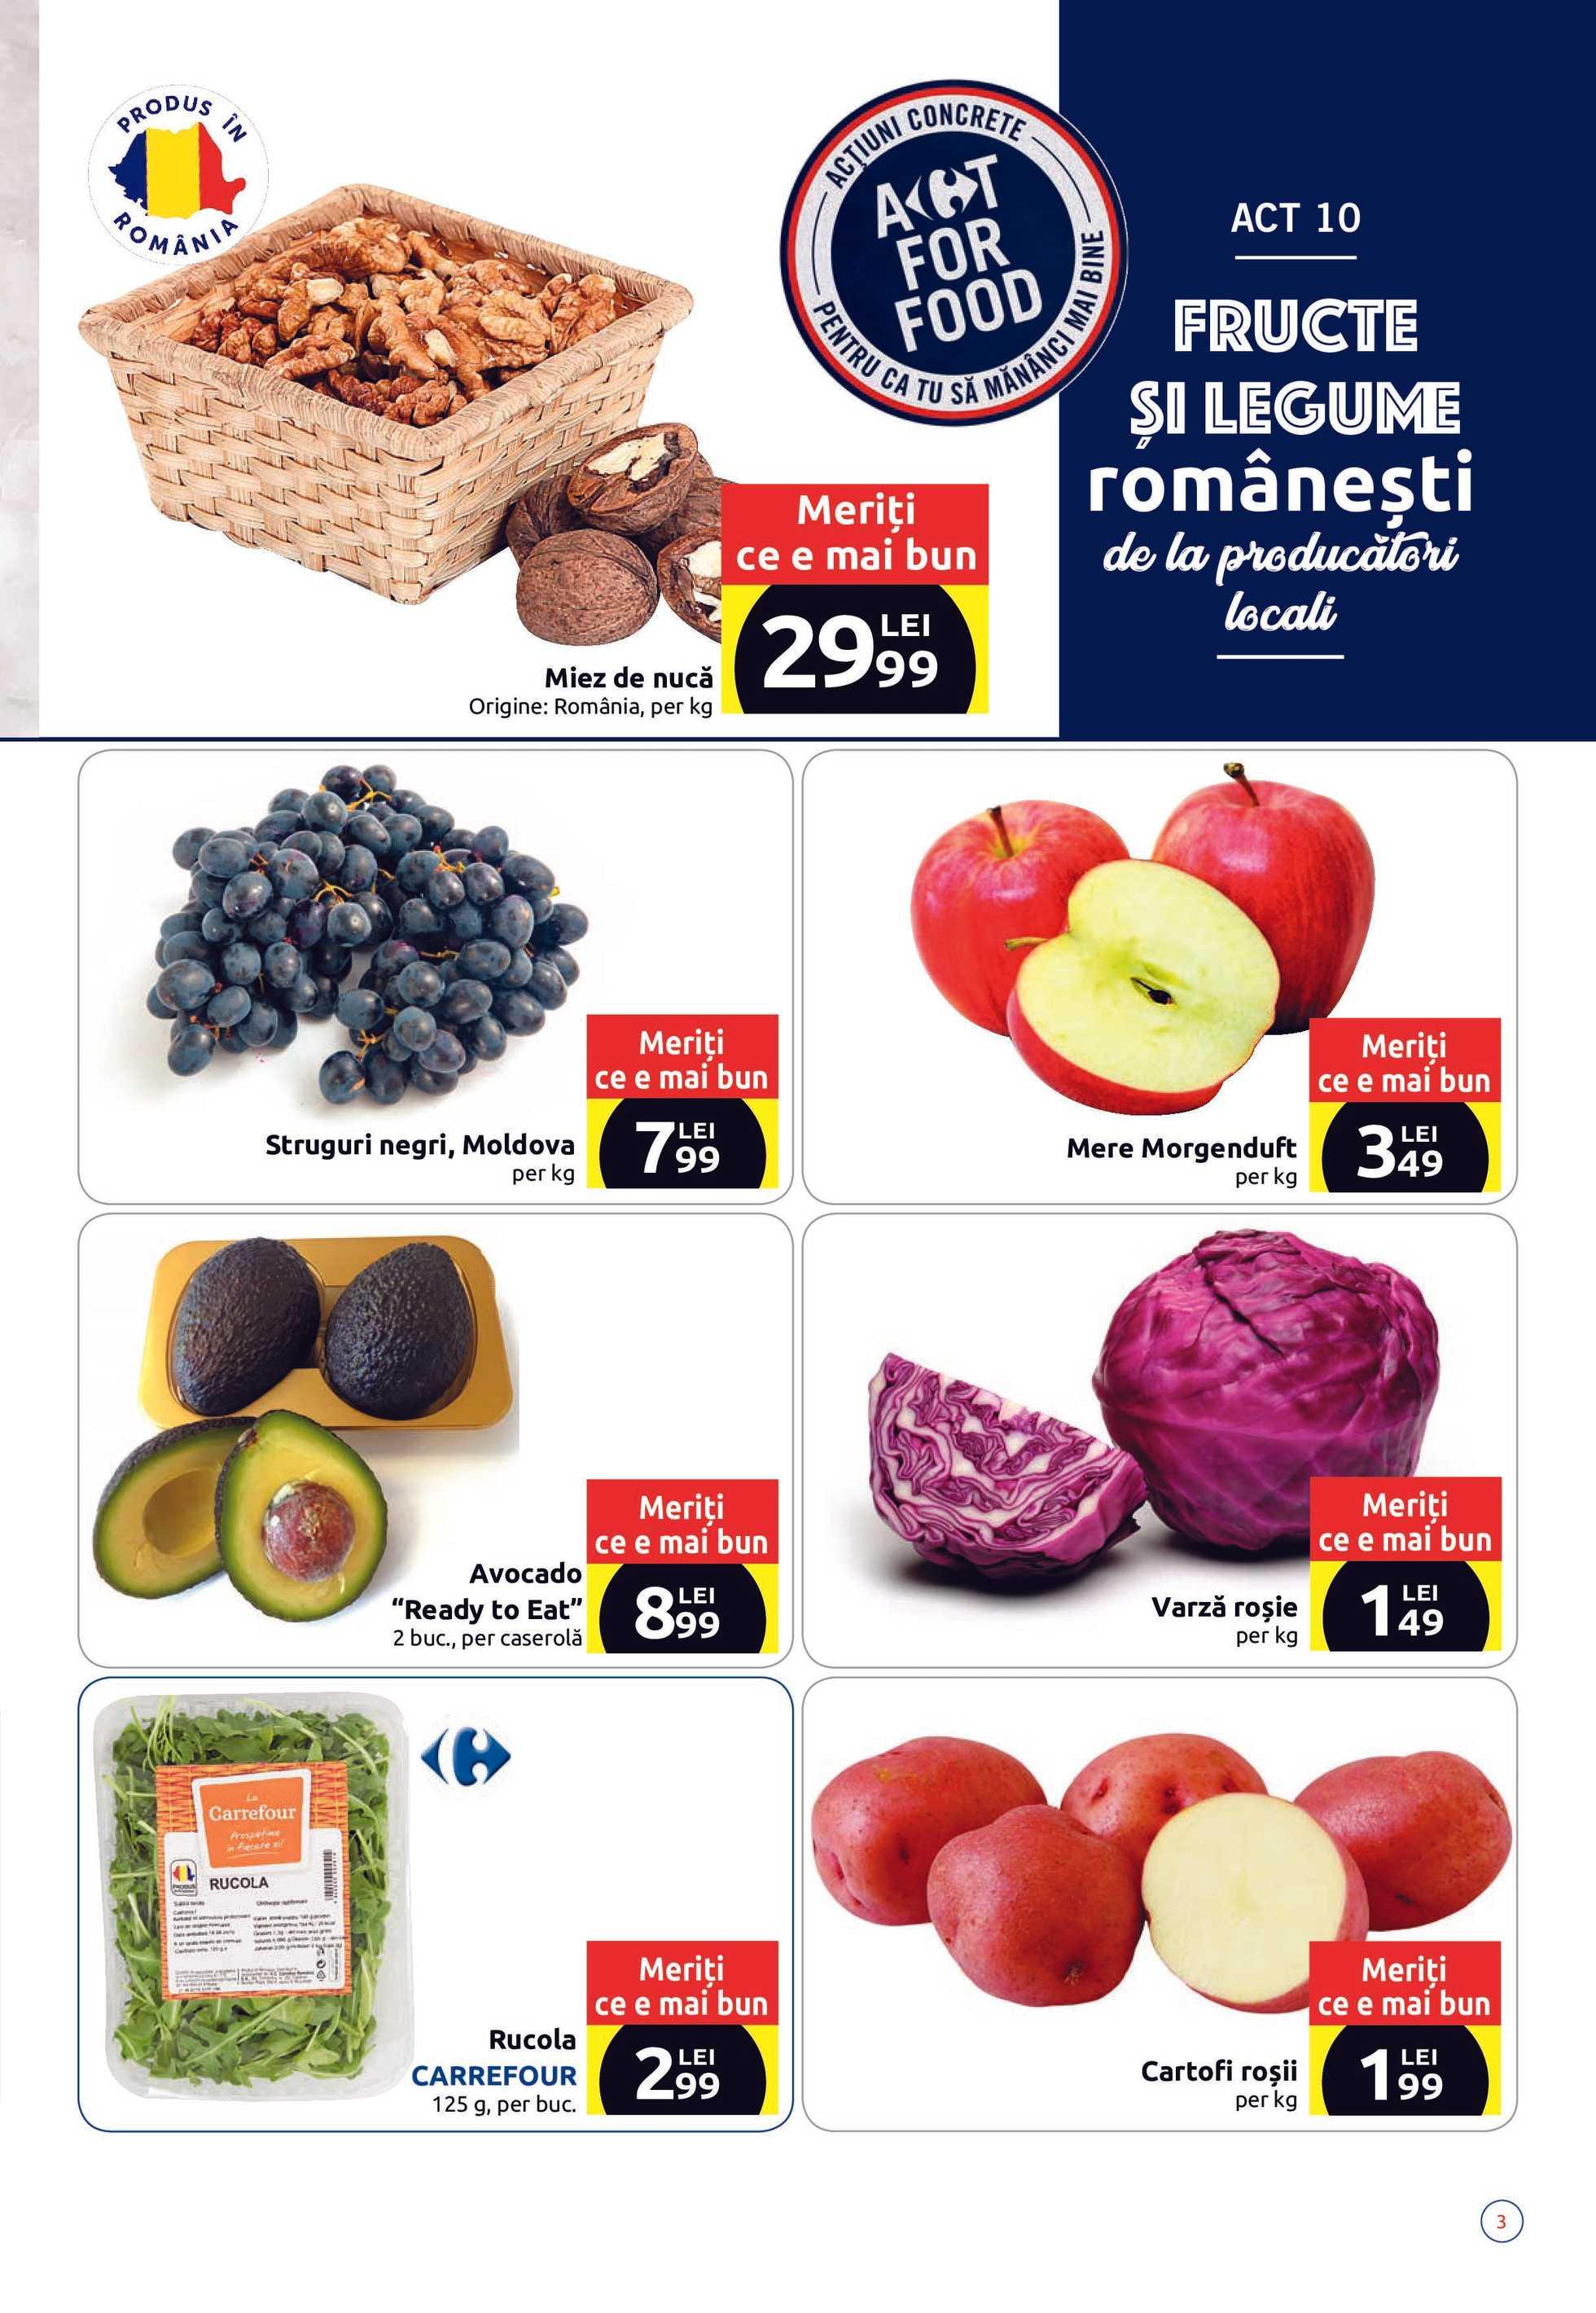 Carrefour - promo începând de la 27.02.2020 până la 04.03.2020 - pagină 3.